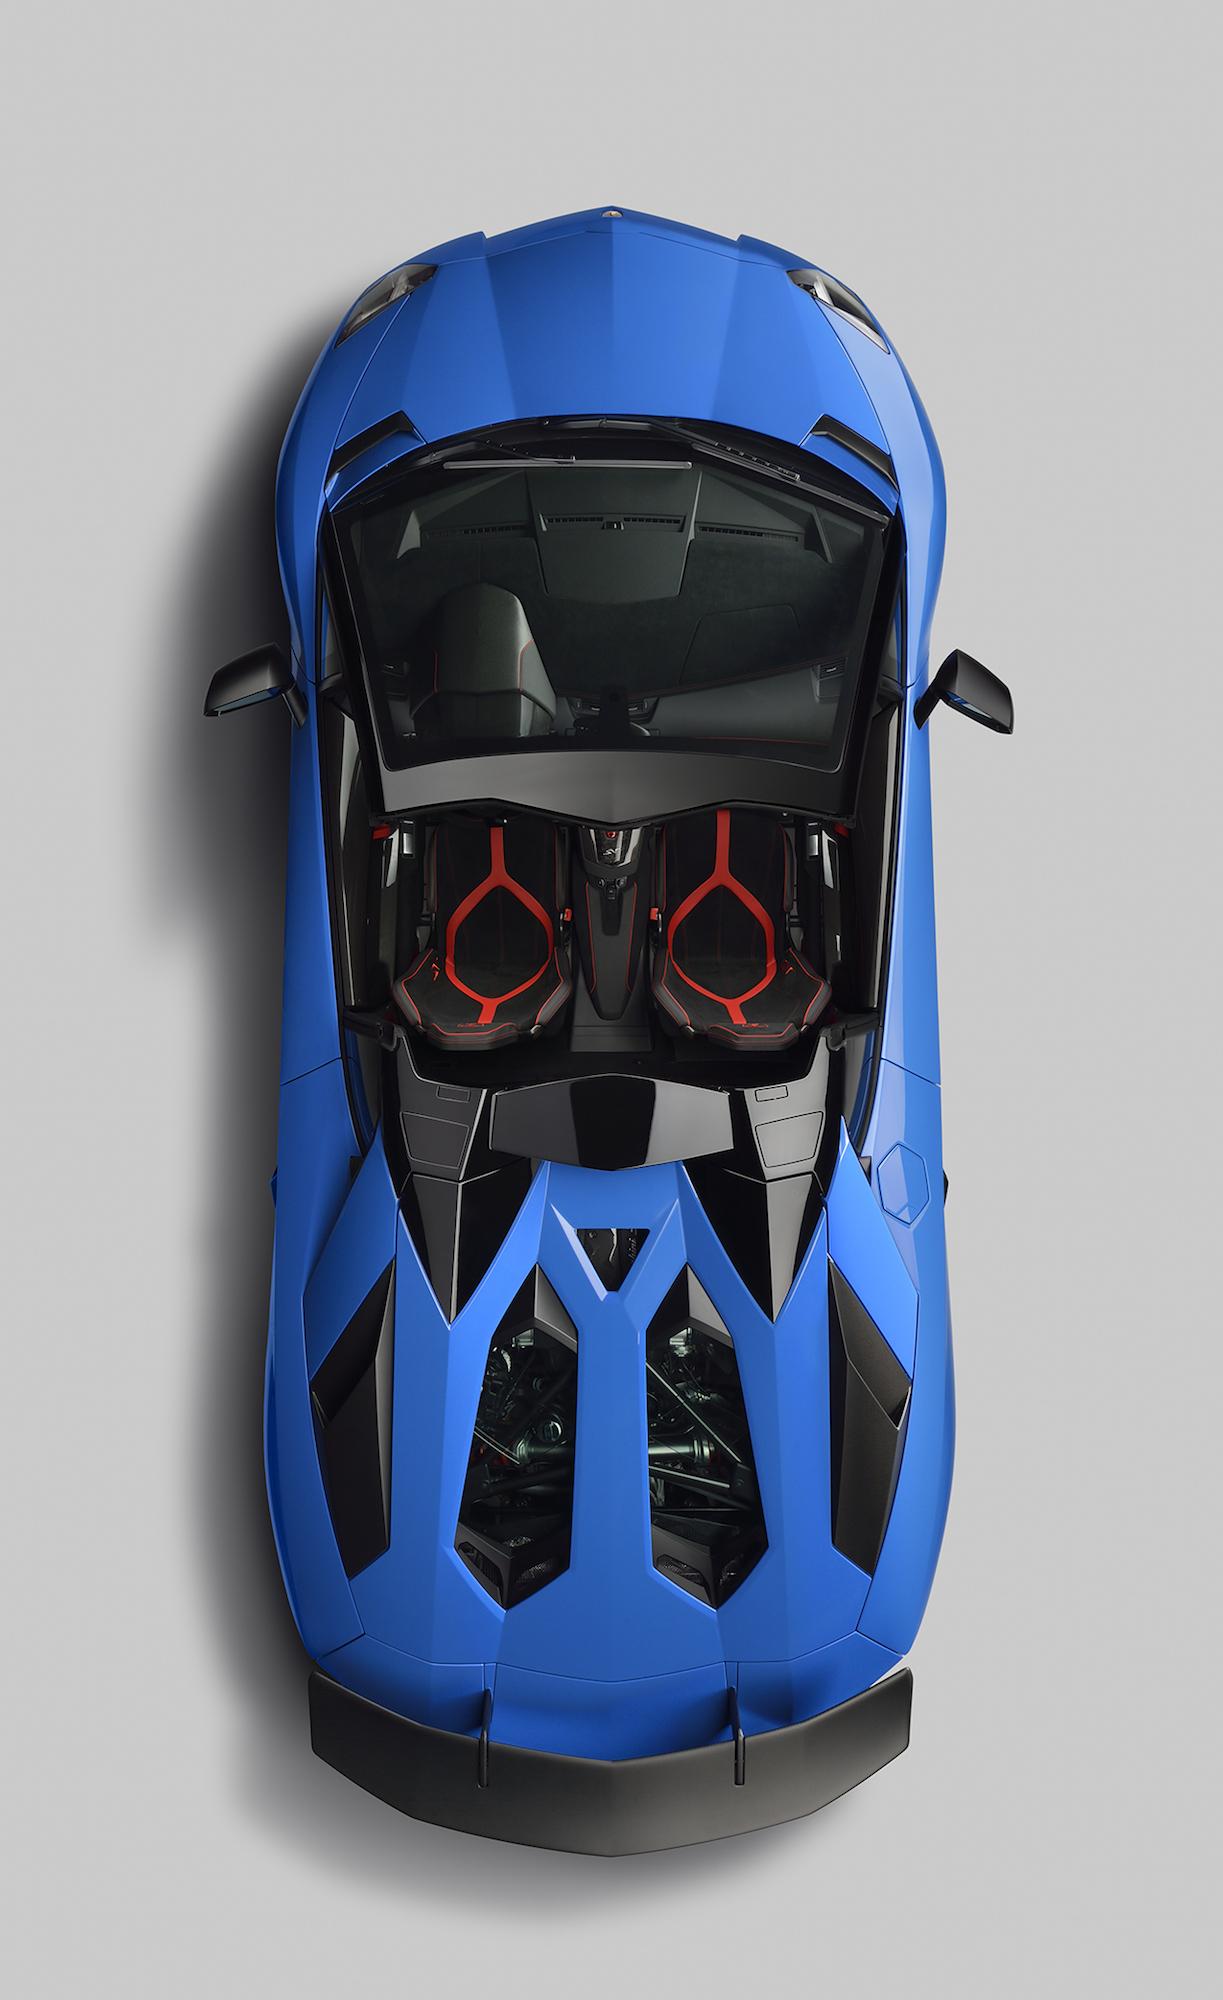 Lamborghini Aventador Superveloce Roadster 8